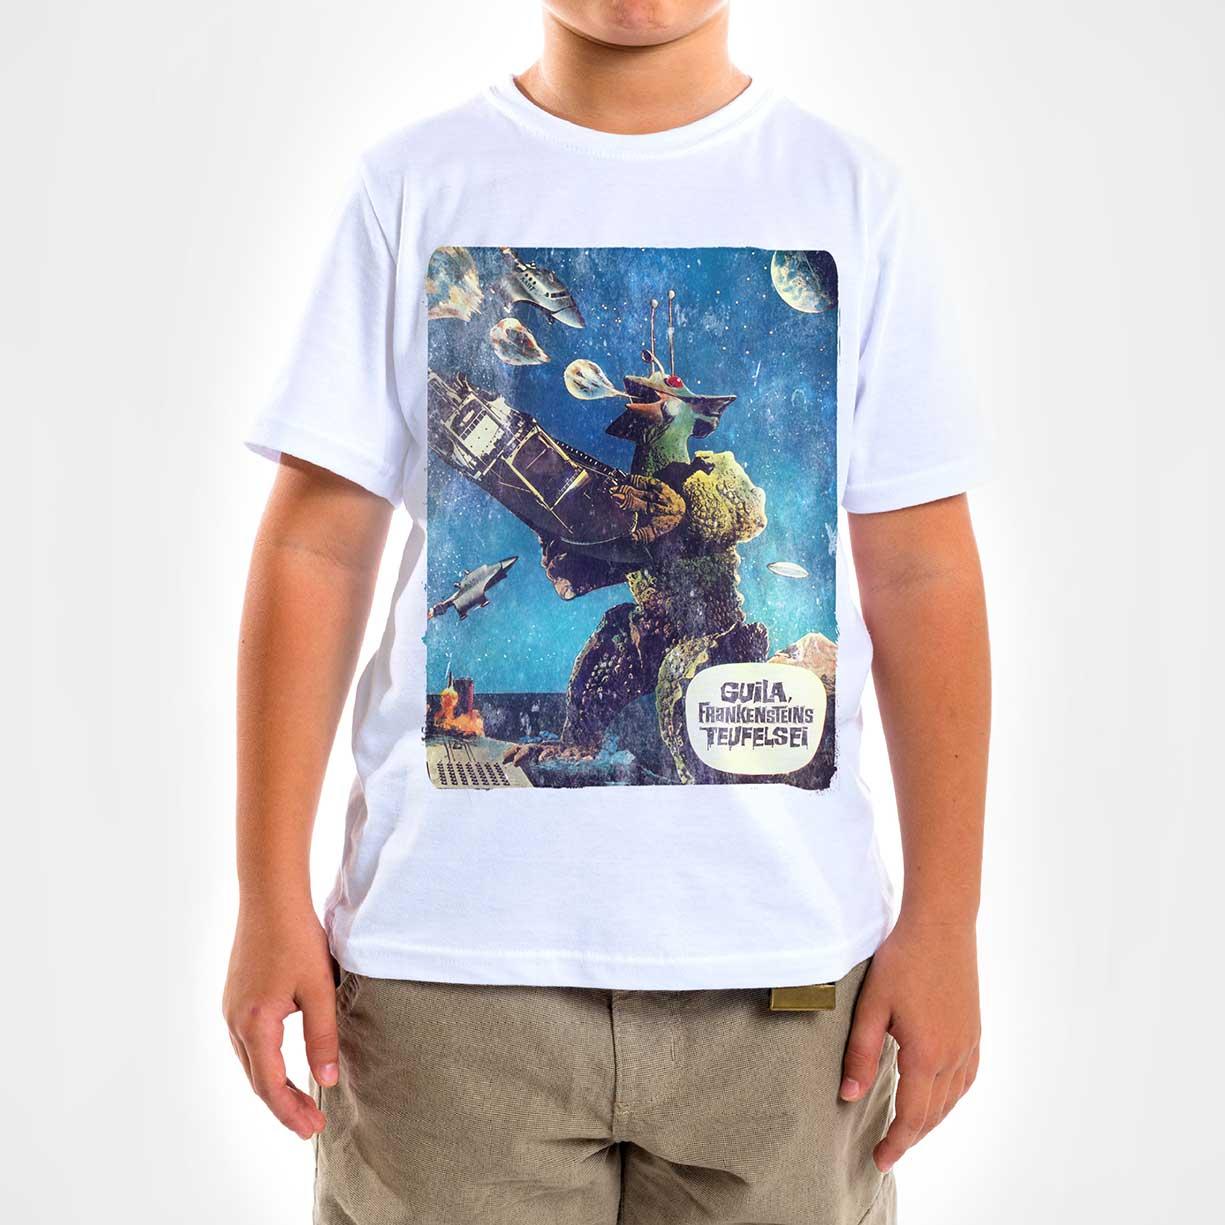 Camisa Infantil - Guila